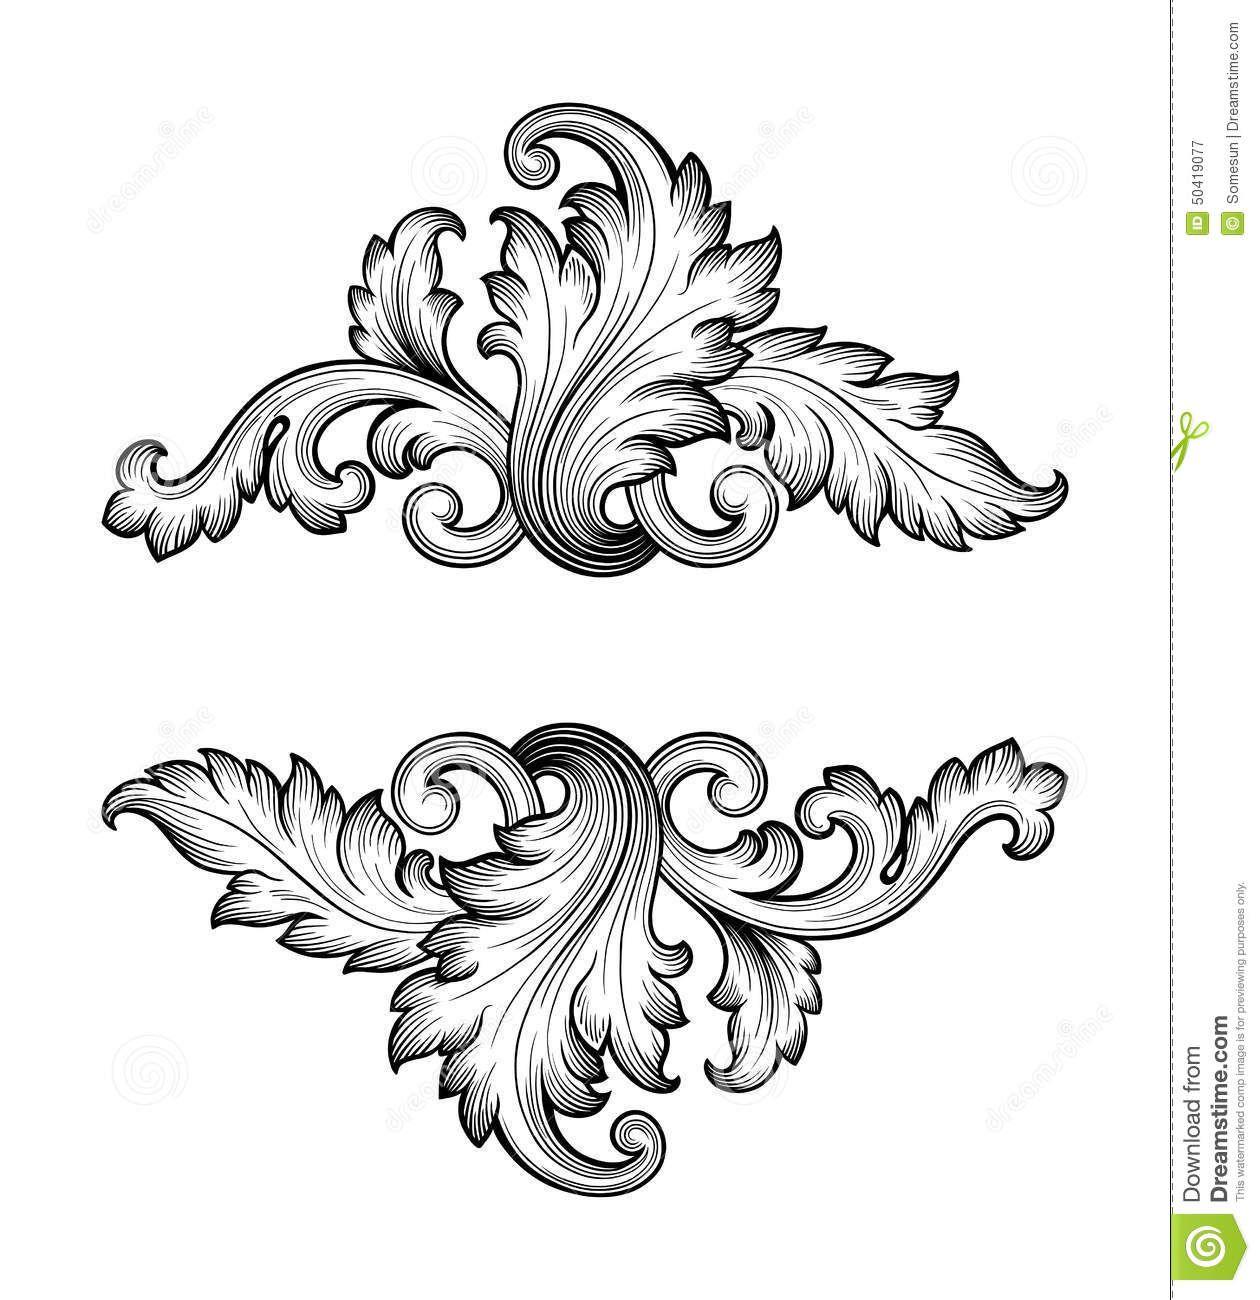 барокко рисунки карандашом - Поиск в Google | Барокко ...